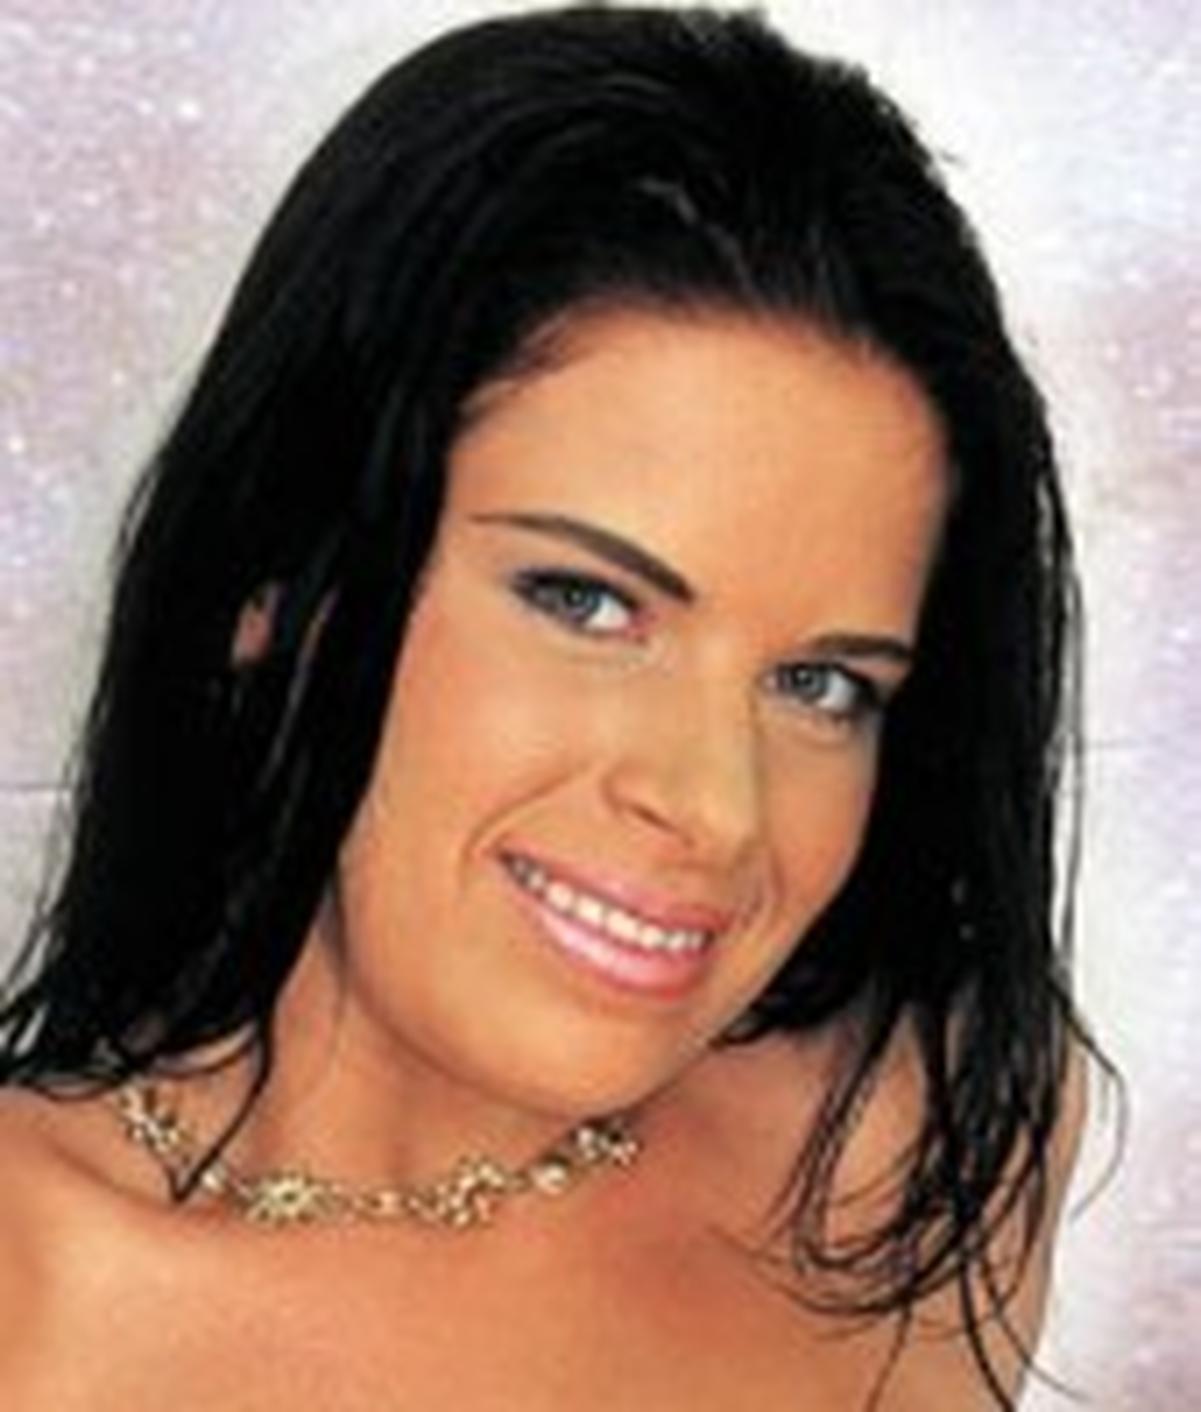 Ines Ridere | Wiki & Bio | Everipedia